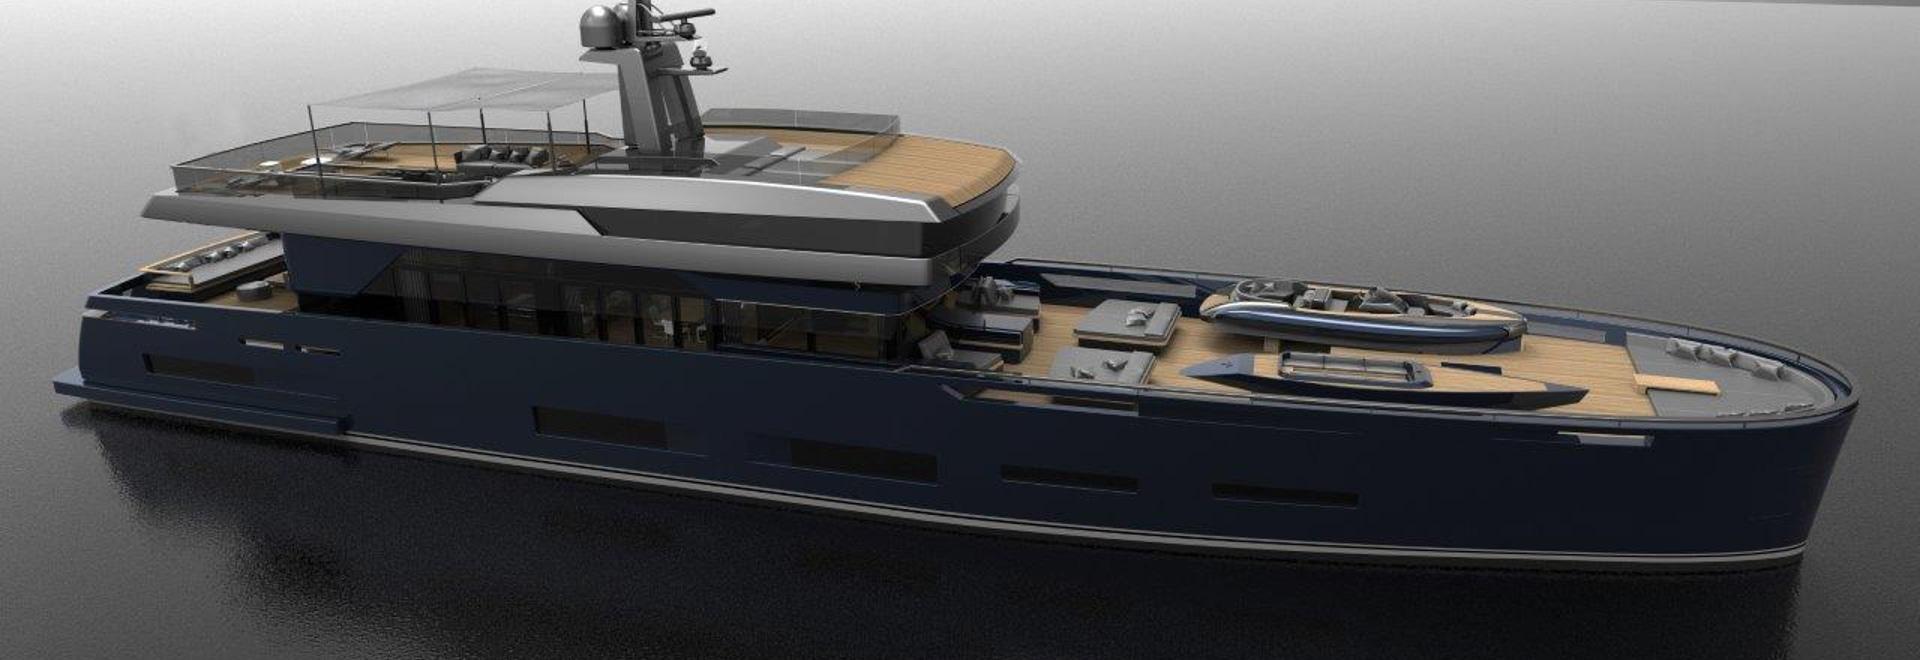 Le projet international de Zuccon et les yachts de Picchiotti collaborent